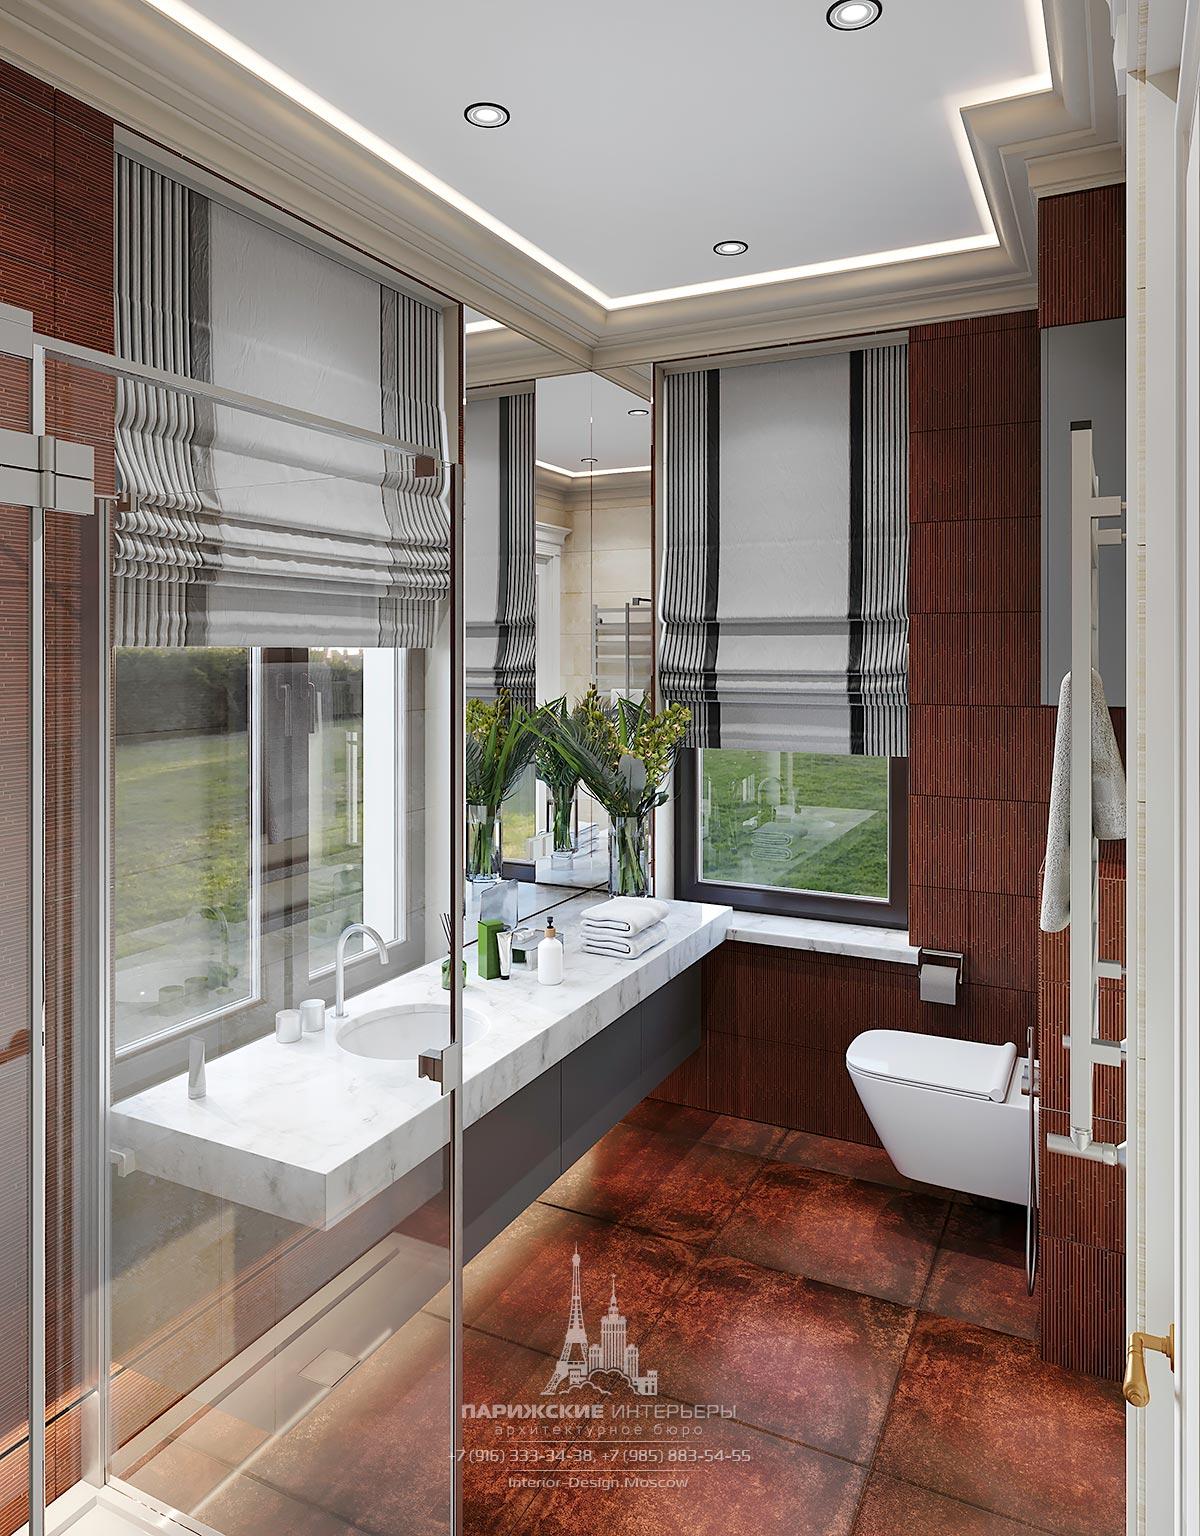 Дизайн ванной комнаты с окном в интерьере частного дома